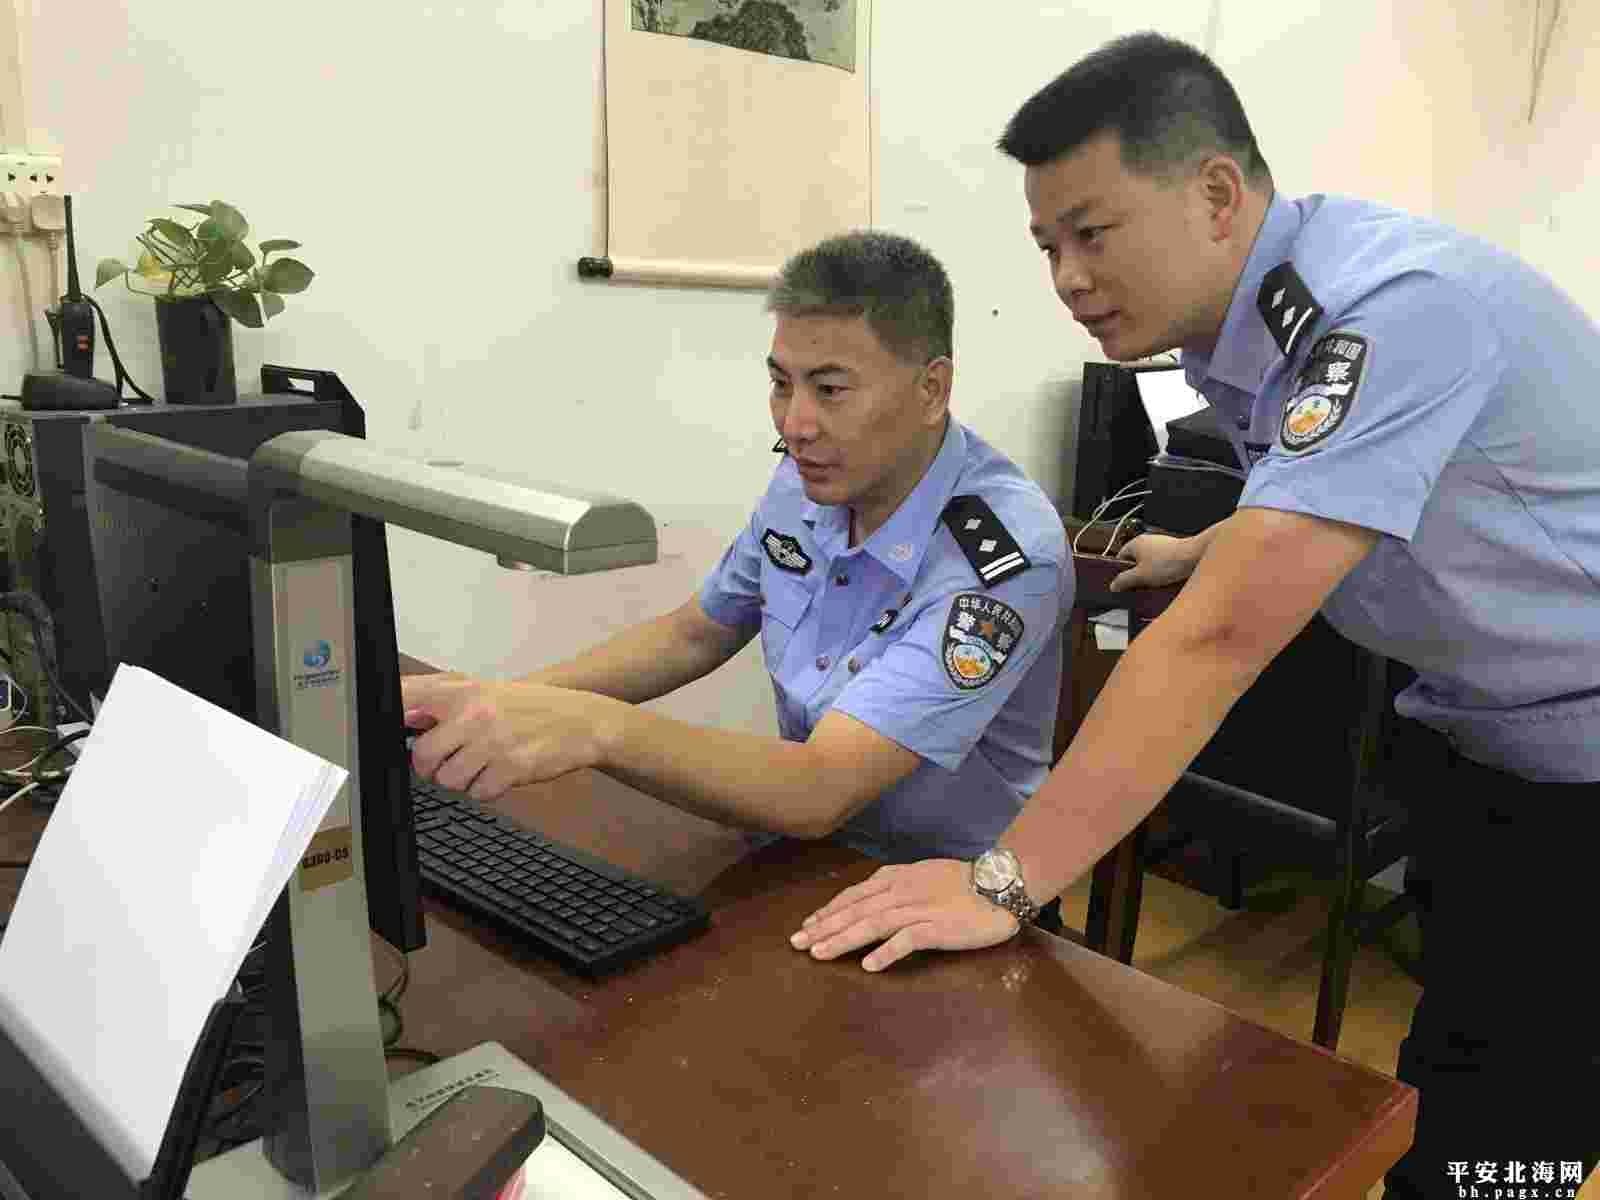 在七大箱书证中寻觅证据链——记北海市公安局刑侦支队第五大队大队长刘磊